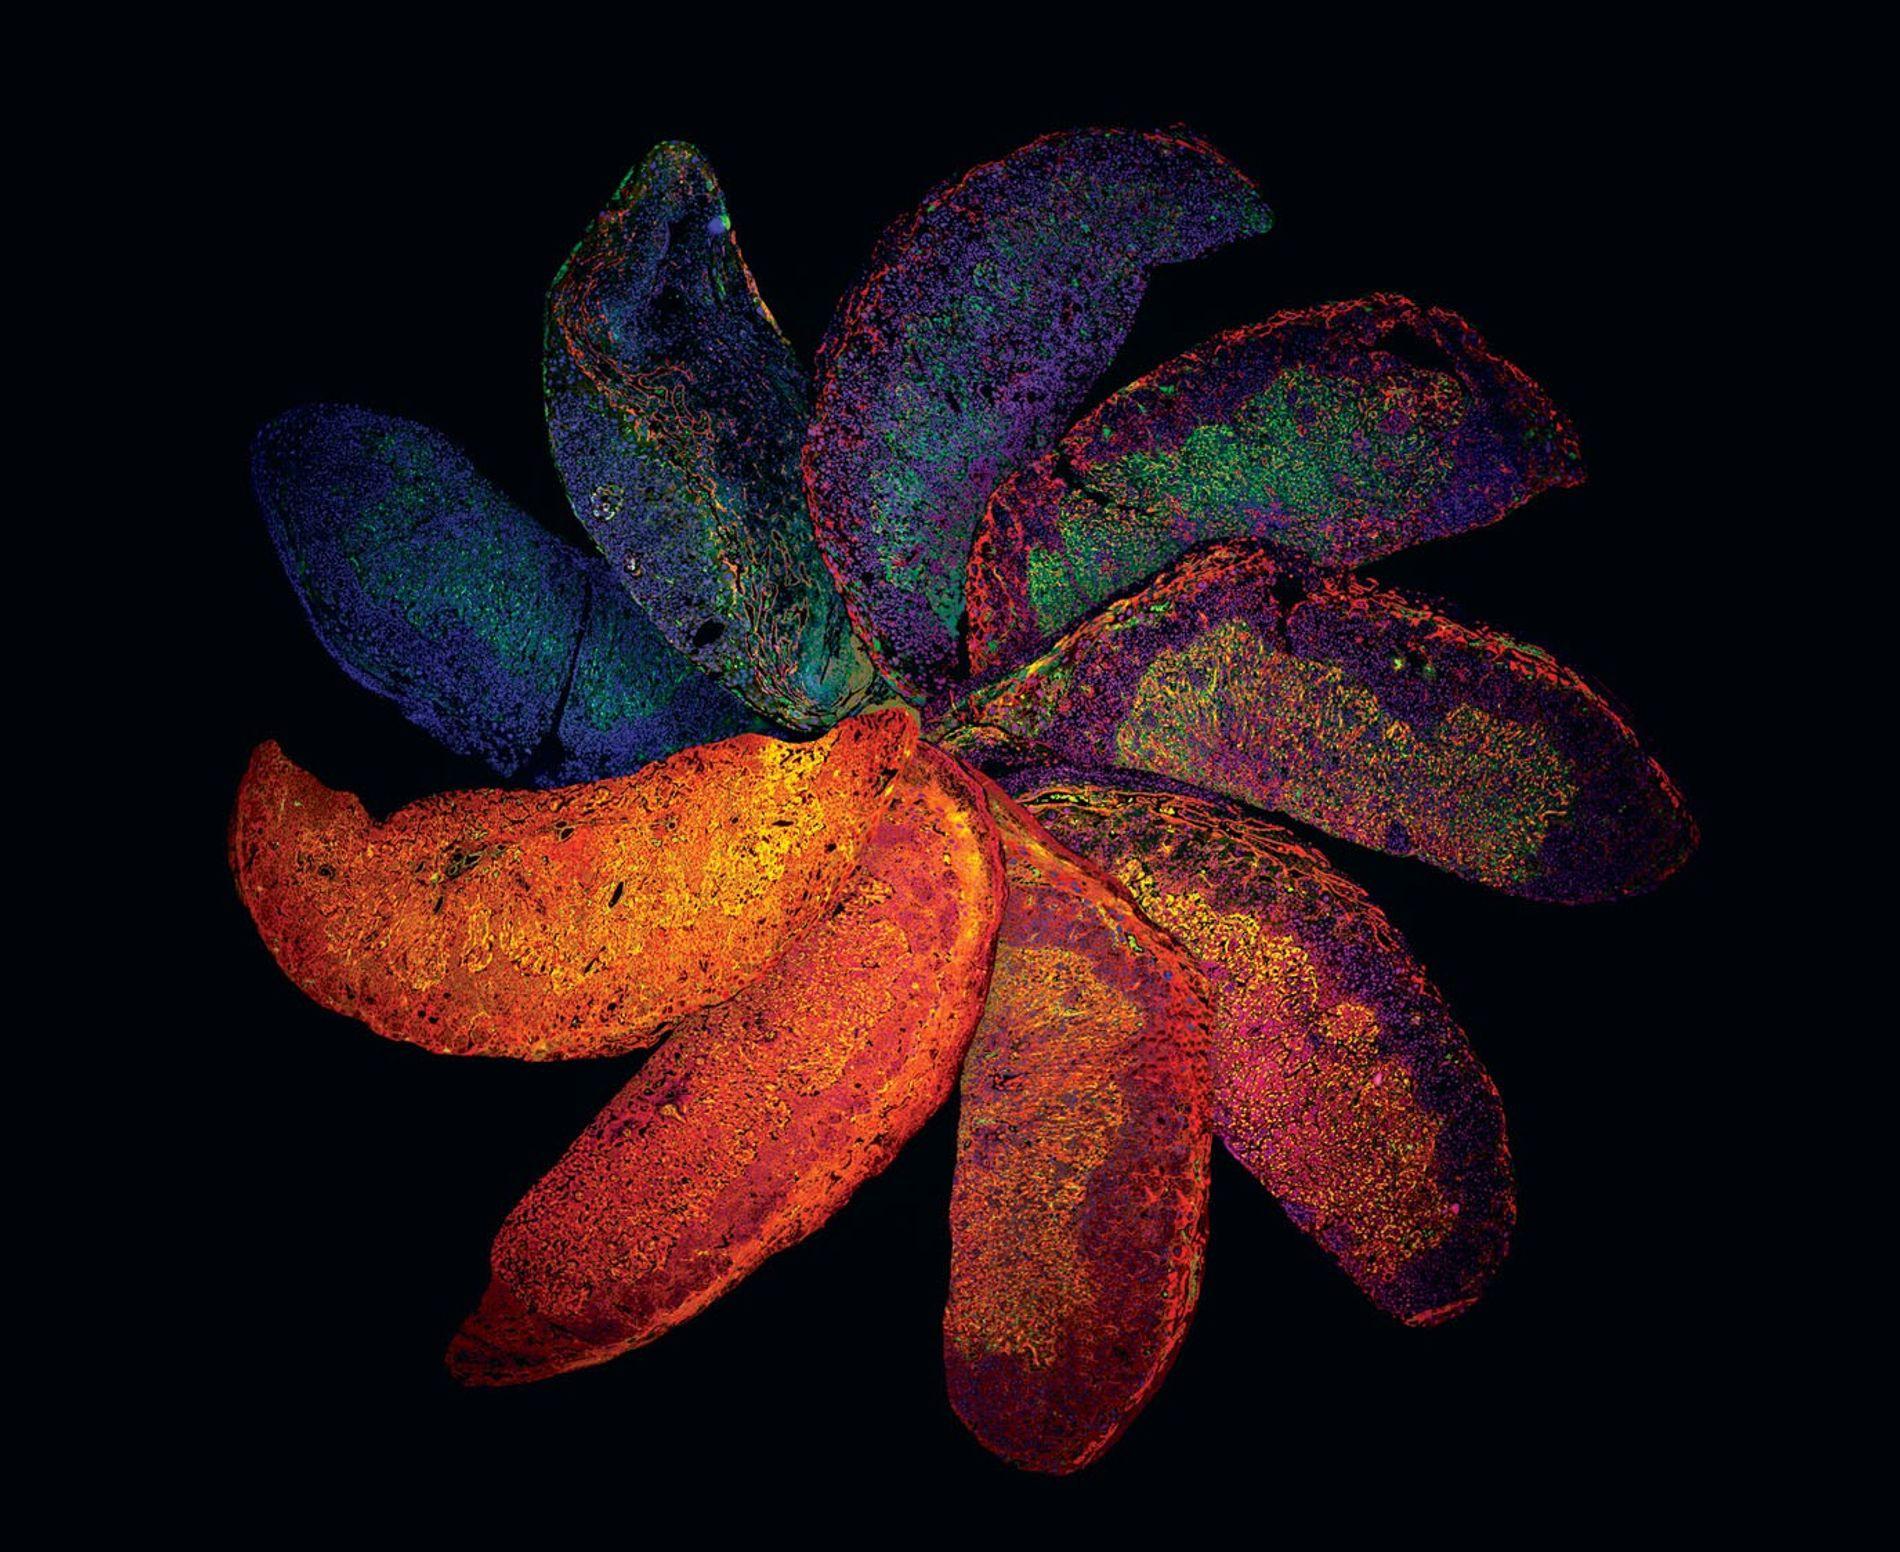 Colorées pour montrer des changements dans leur structure, les tranches de placenta de souris offrent des ...